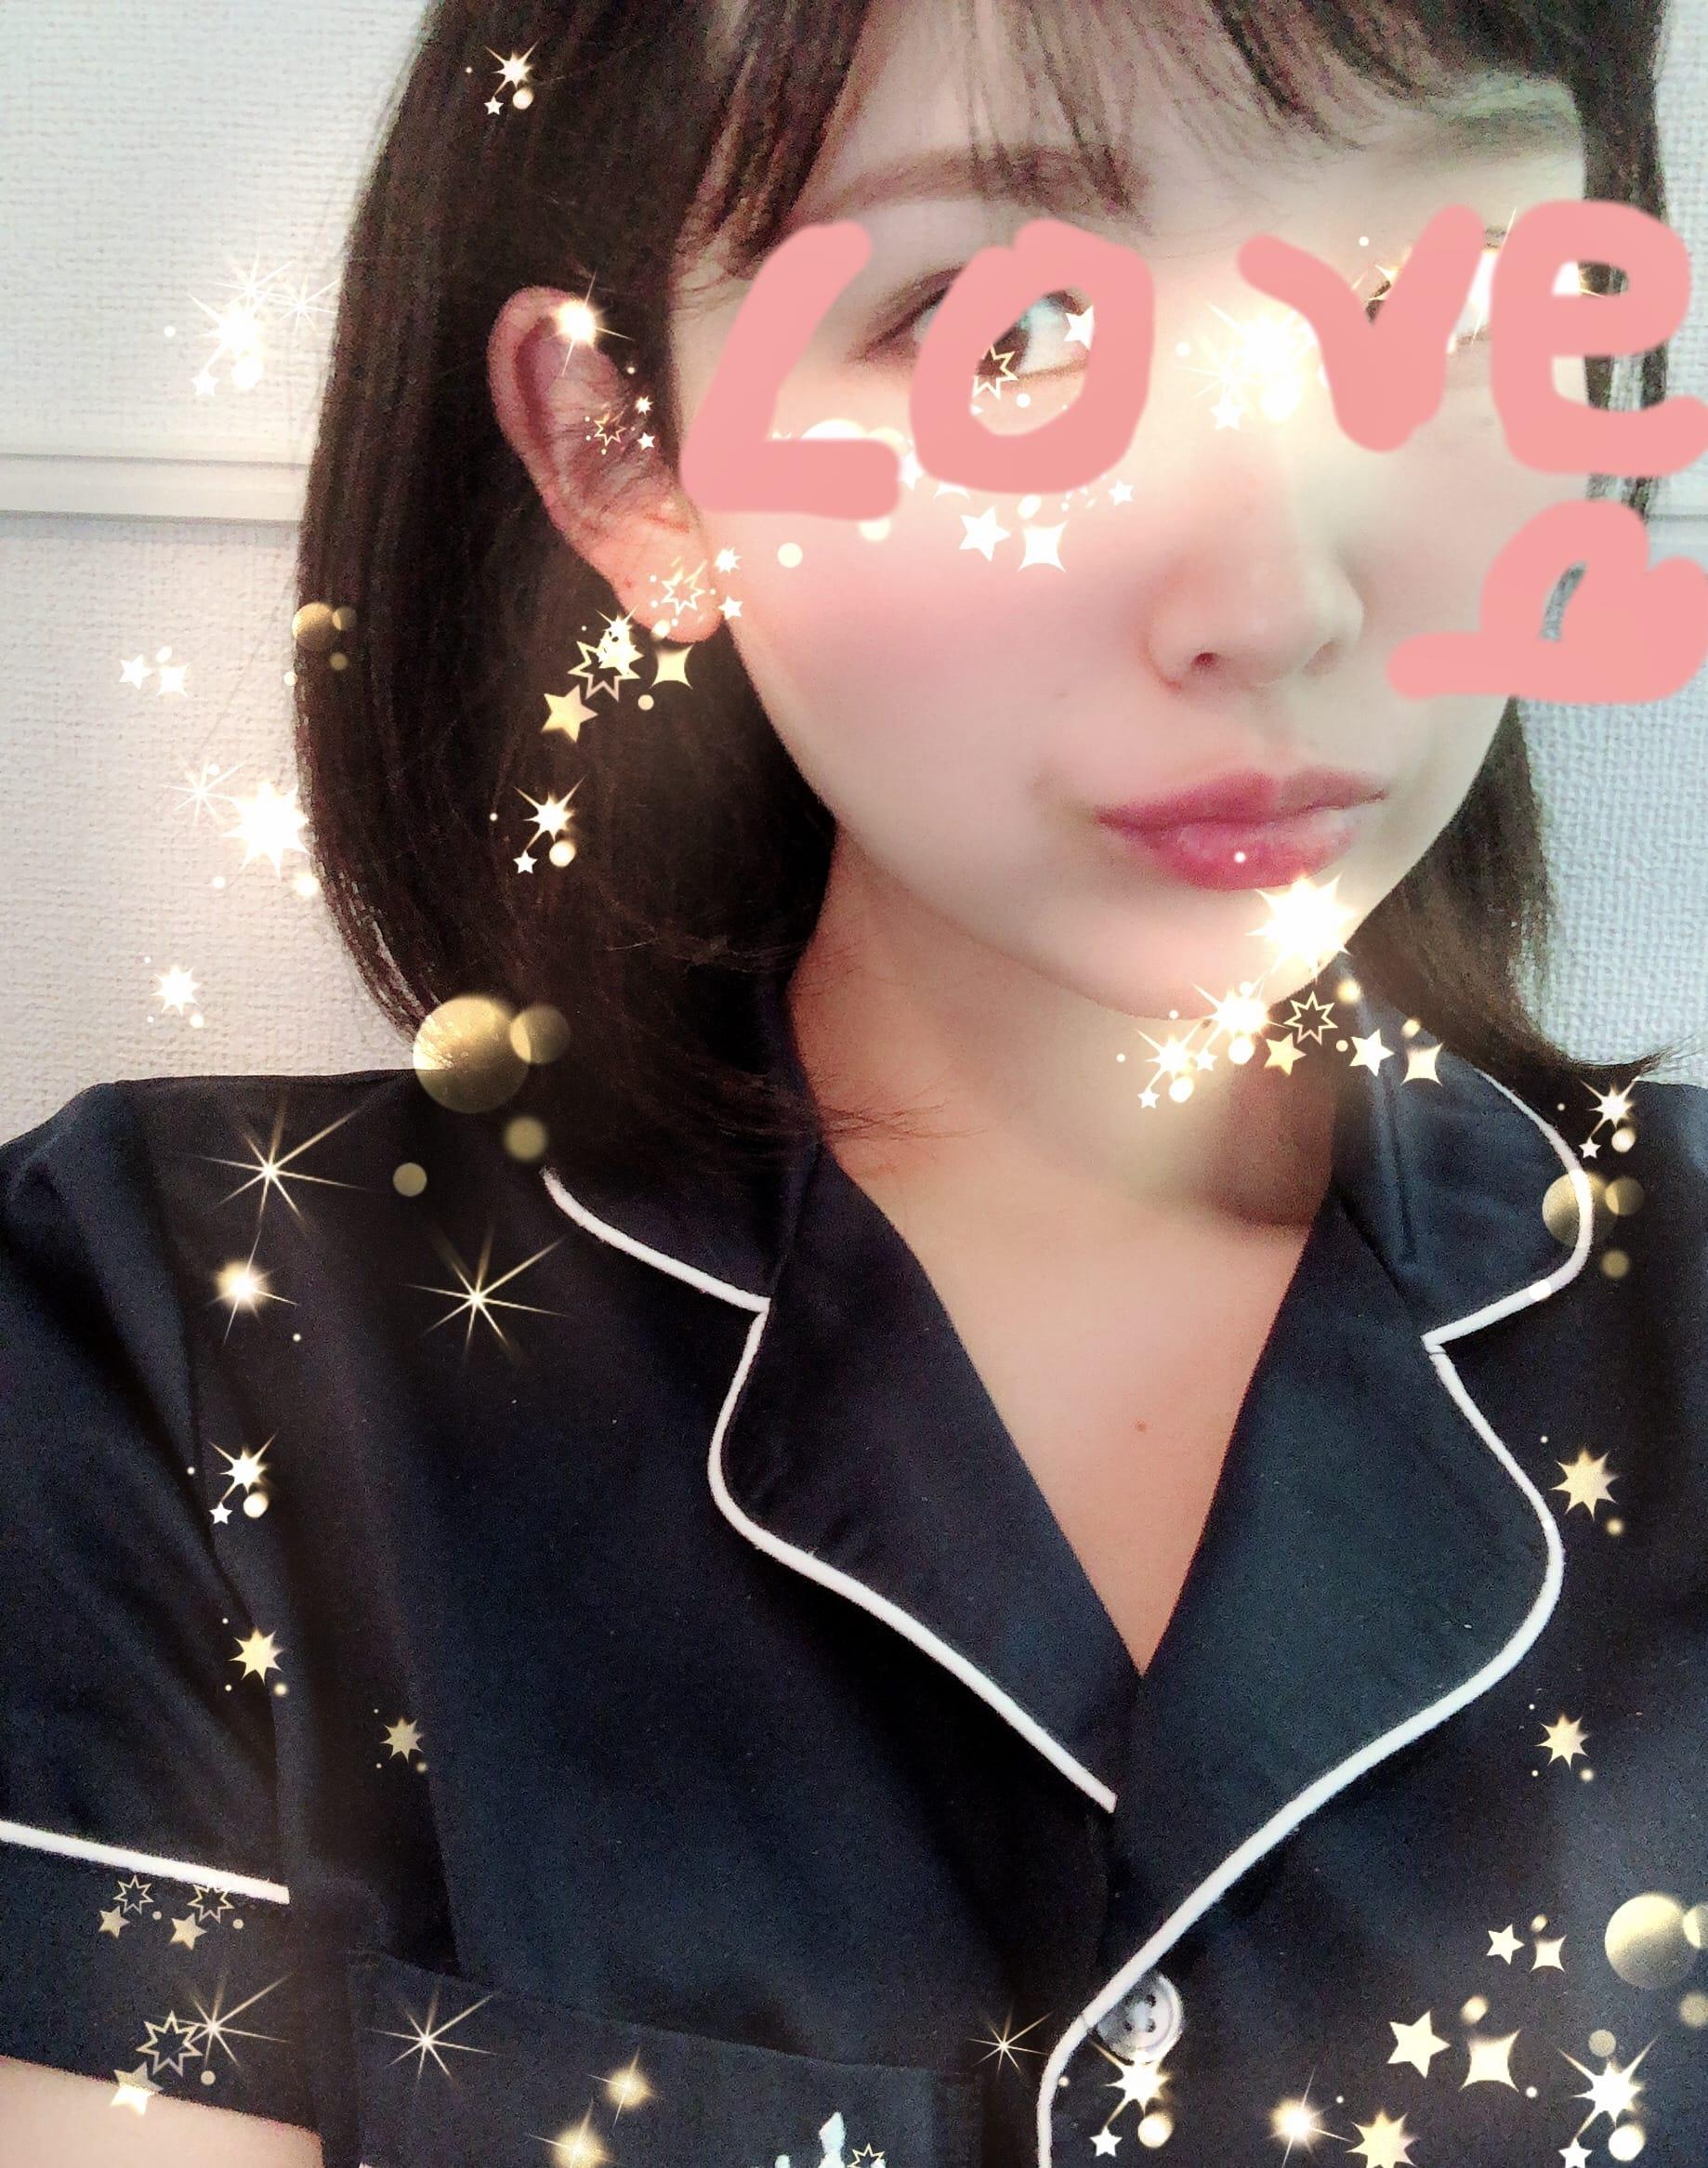 「おはよう&まなちゃん」08/13日(月) 10:56   ねねの写メ・風俗動画